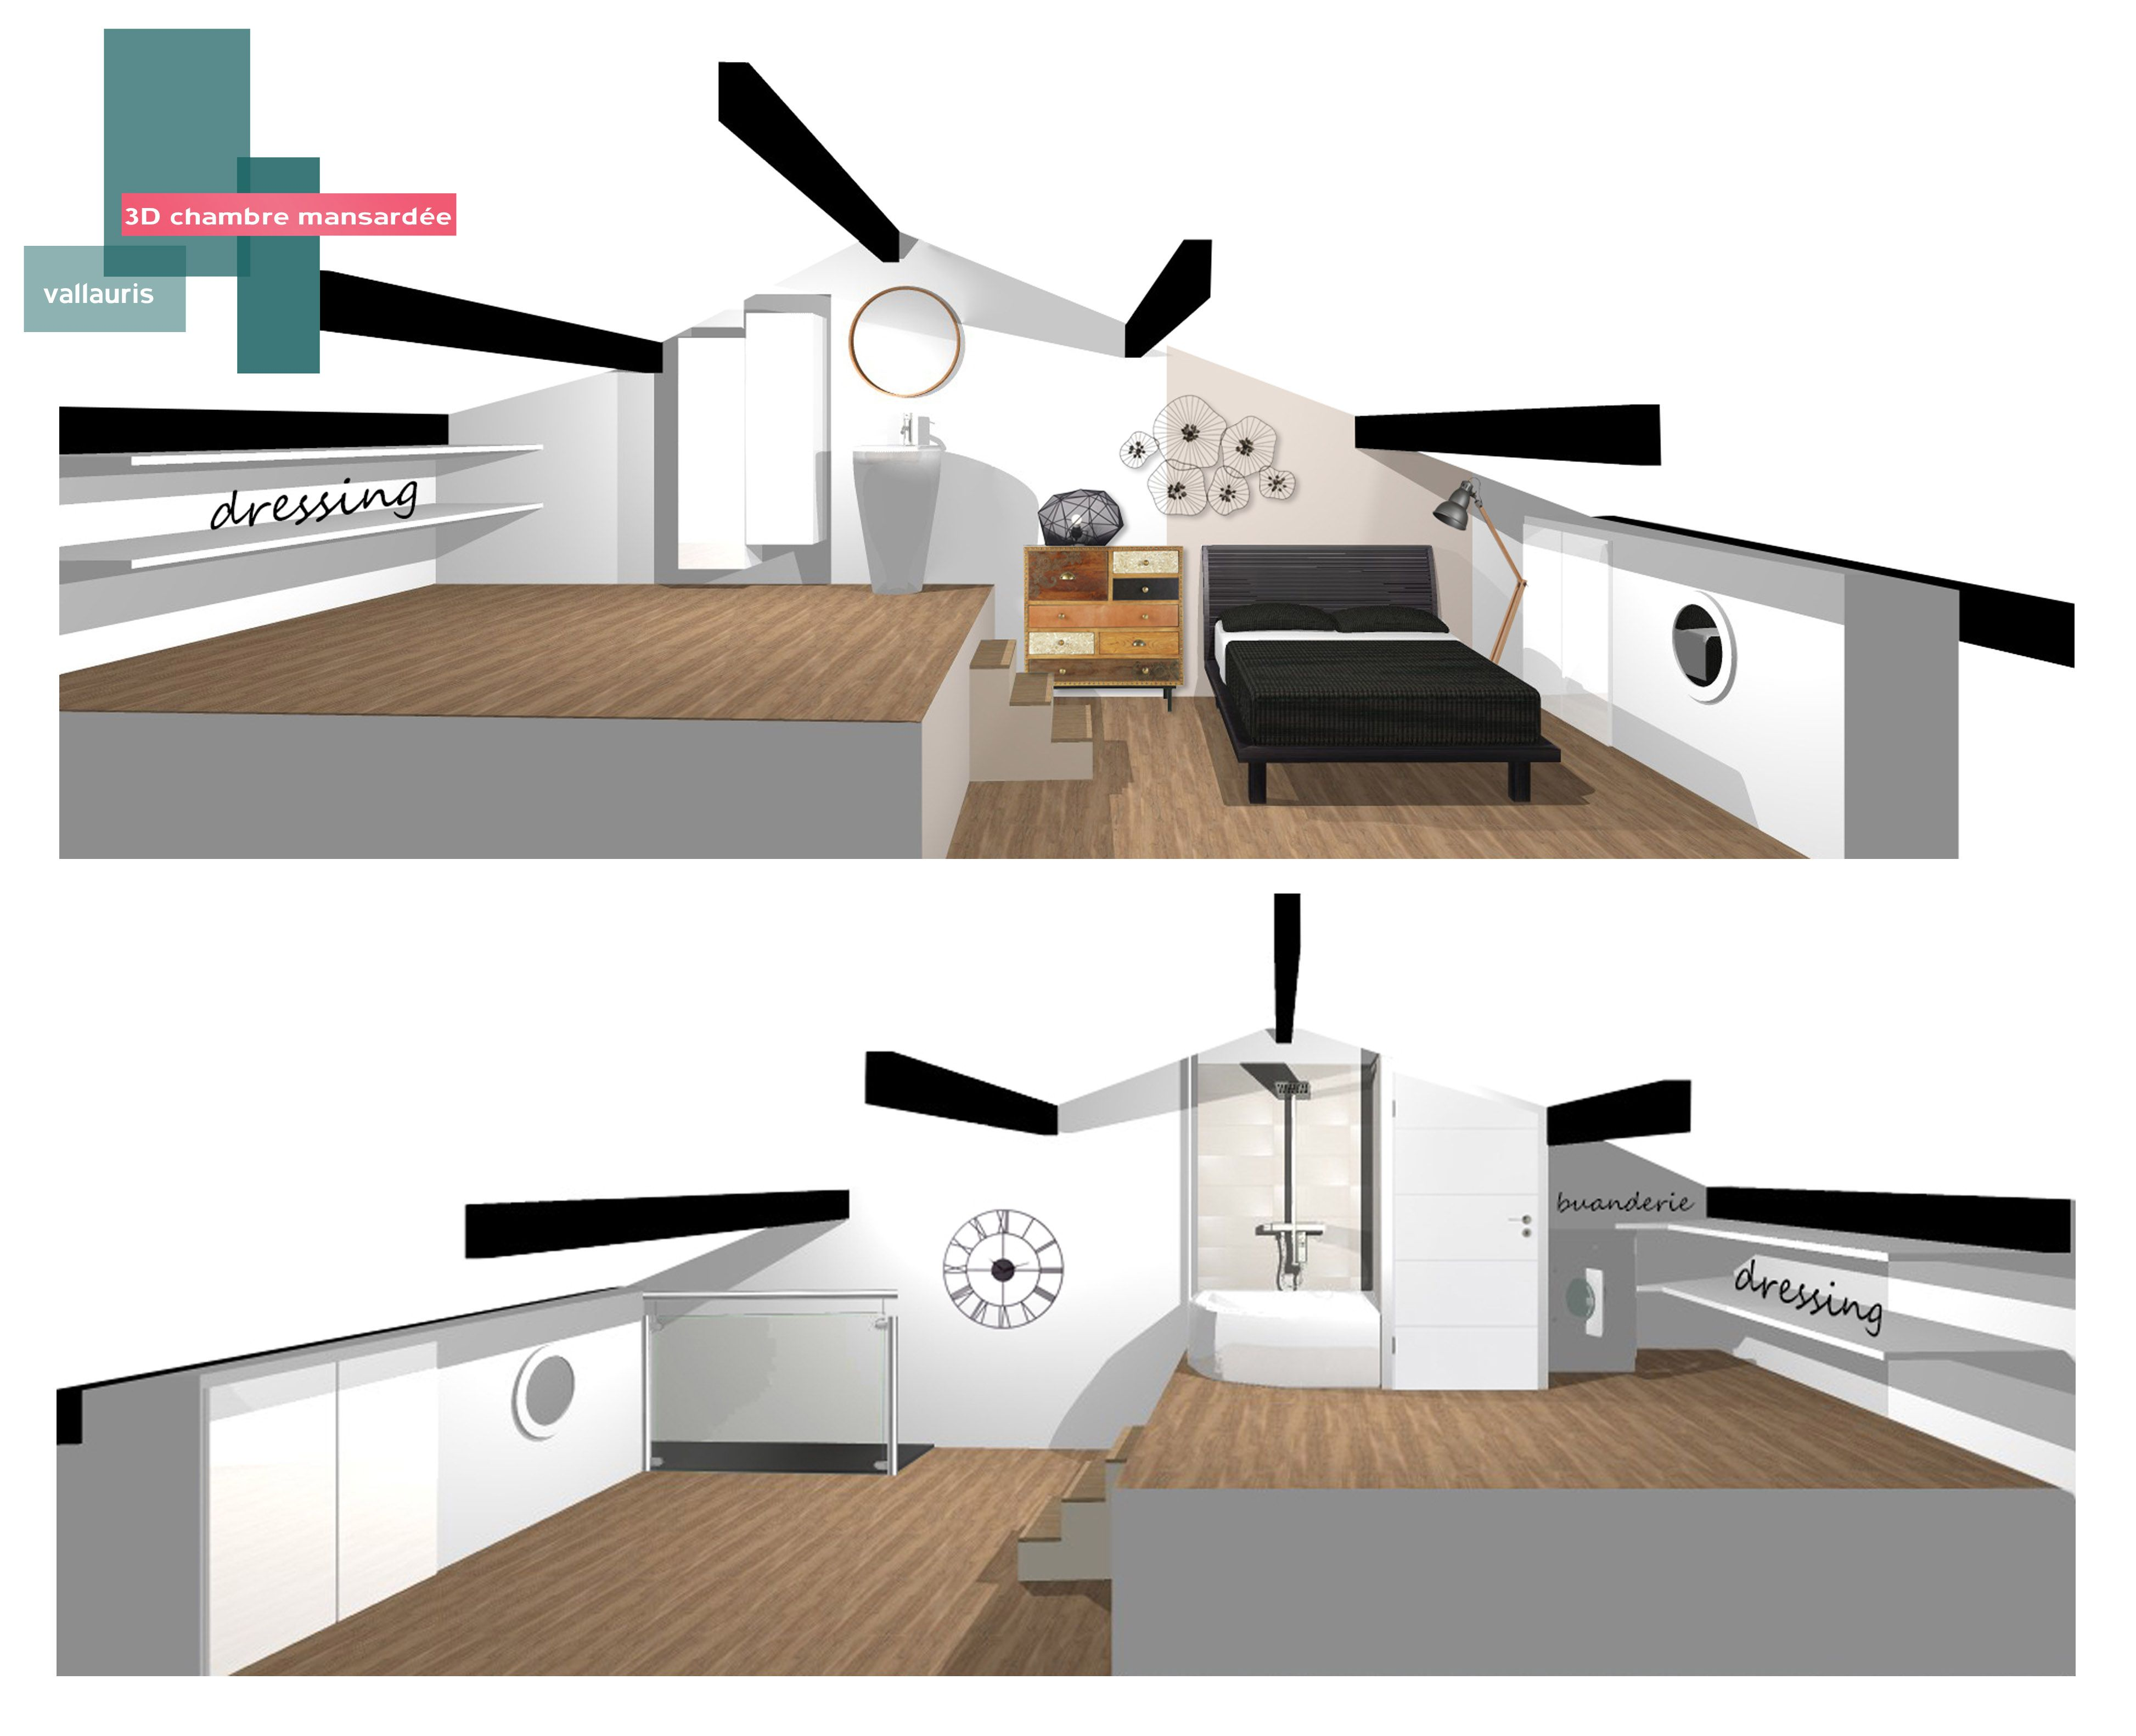 impressionnant am nagement chambre mansard e. Black Bedroom Furniture Sets. Home Design Ideas